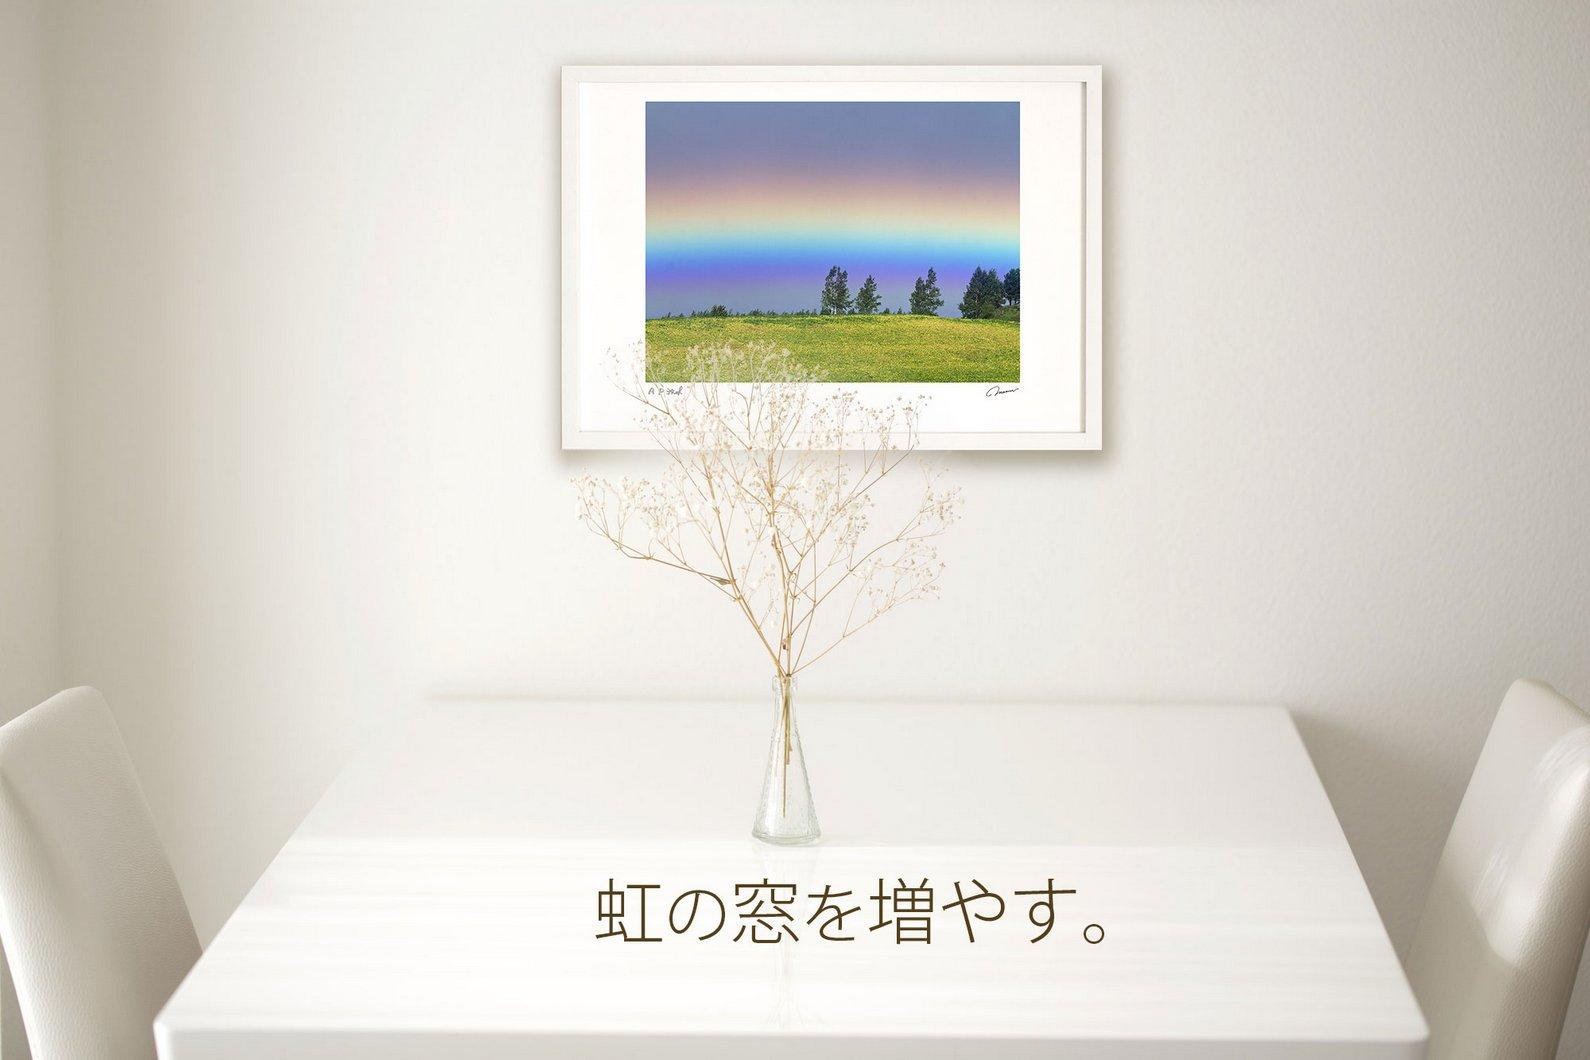 《アートフォト》雲と木/美瑛町〔富良野・高橋真澄〕(レンタル対象)